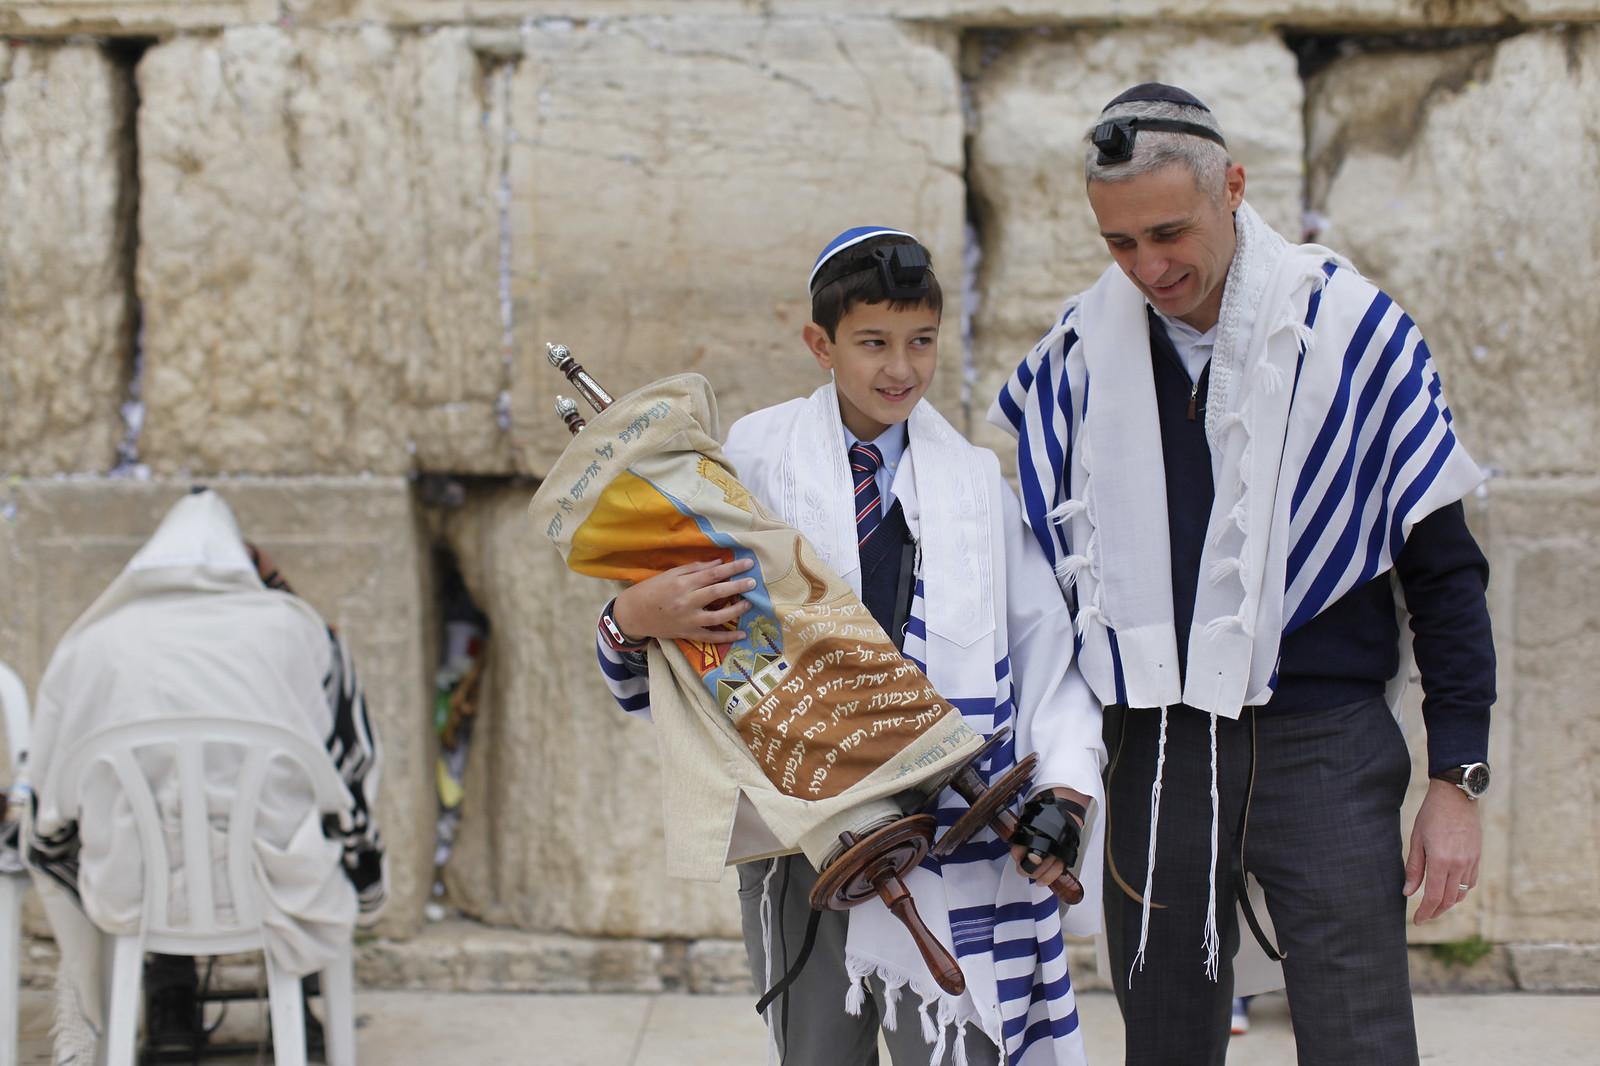 Bar Mitzvah_19_Jerusalem_9744_Yonatan Sindel_Flash 90_IMOT